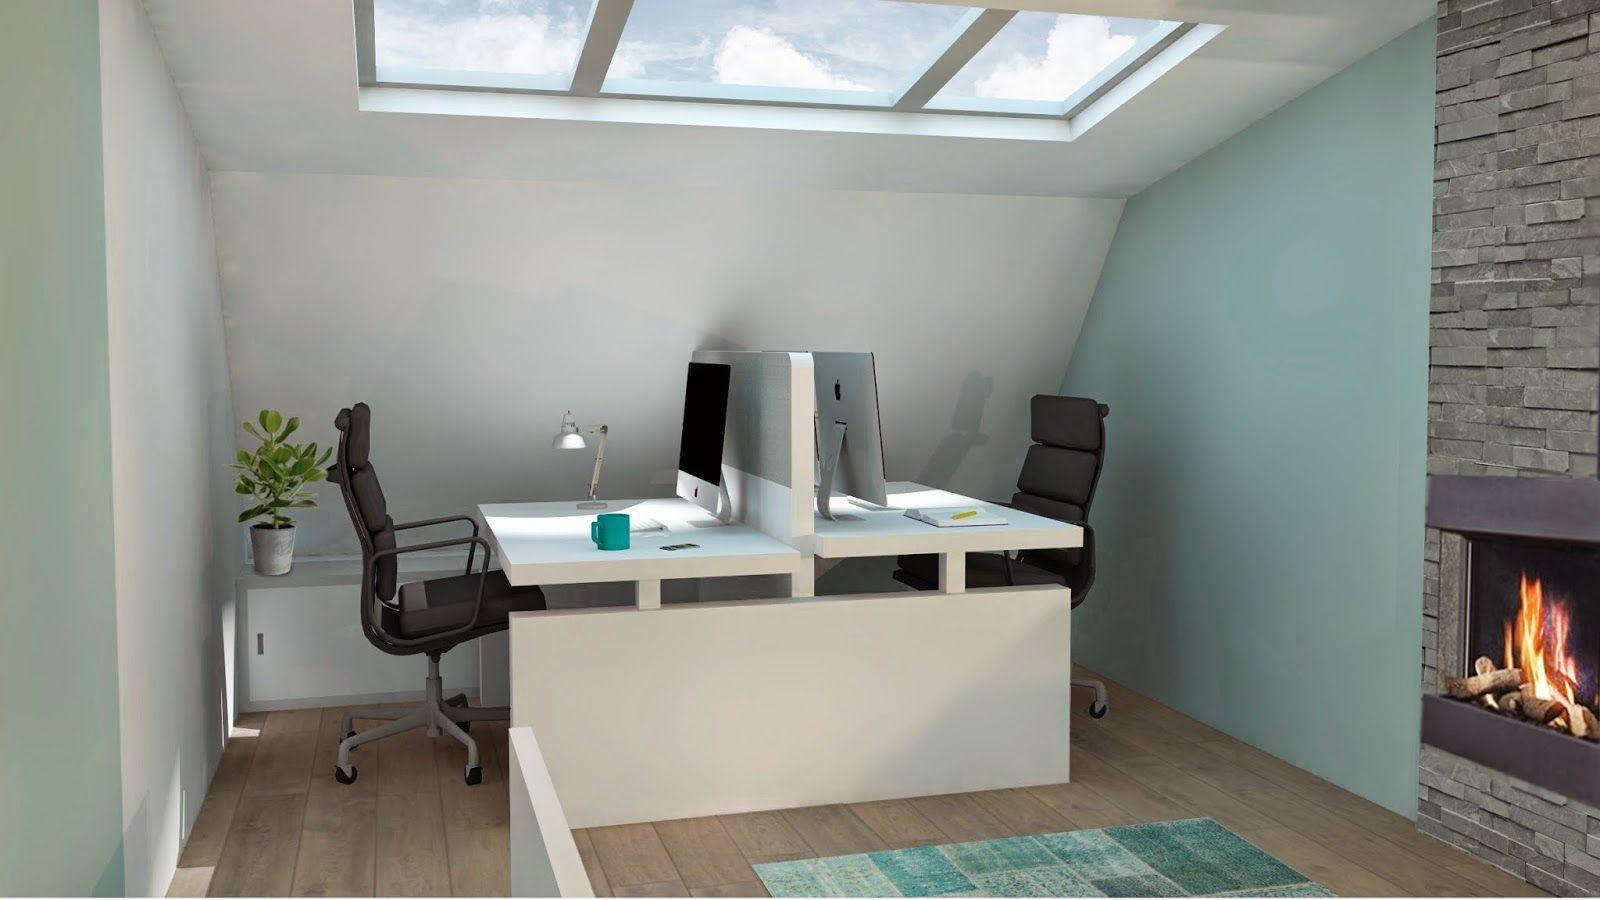 Mooi bij blauwe muren en houten vloer witte bureaus en zwarte